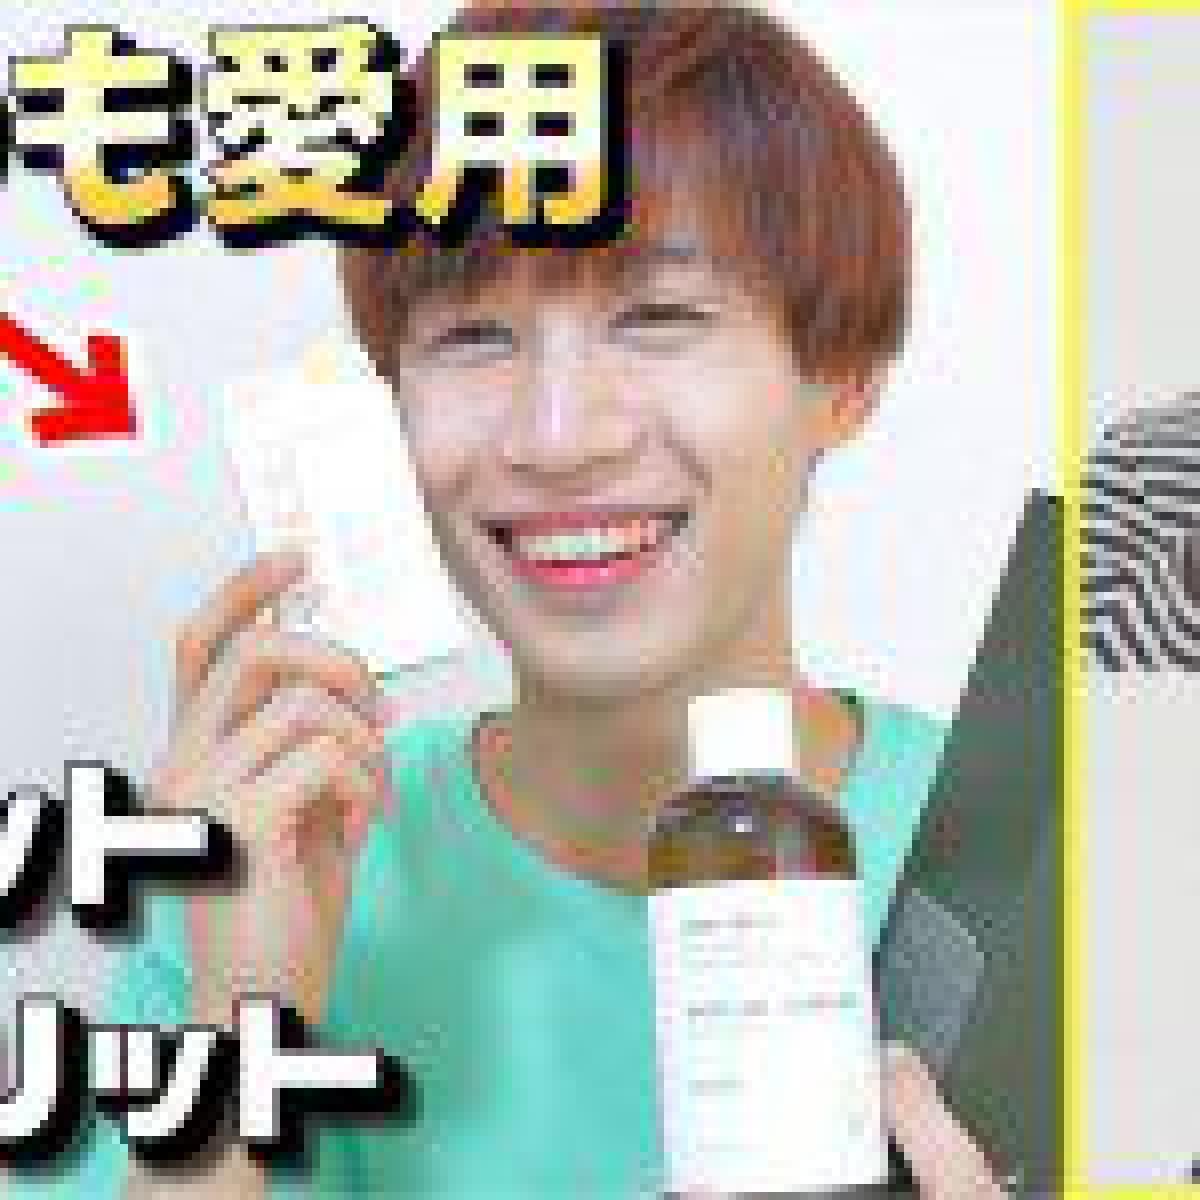 【韓国 コスメ】 NATURE REPUBLIC 買ってよかった3品 レビュー! (This sun block stick is amazing!)